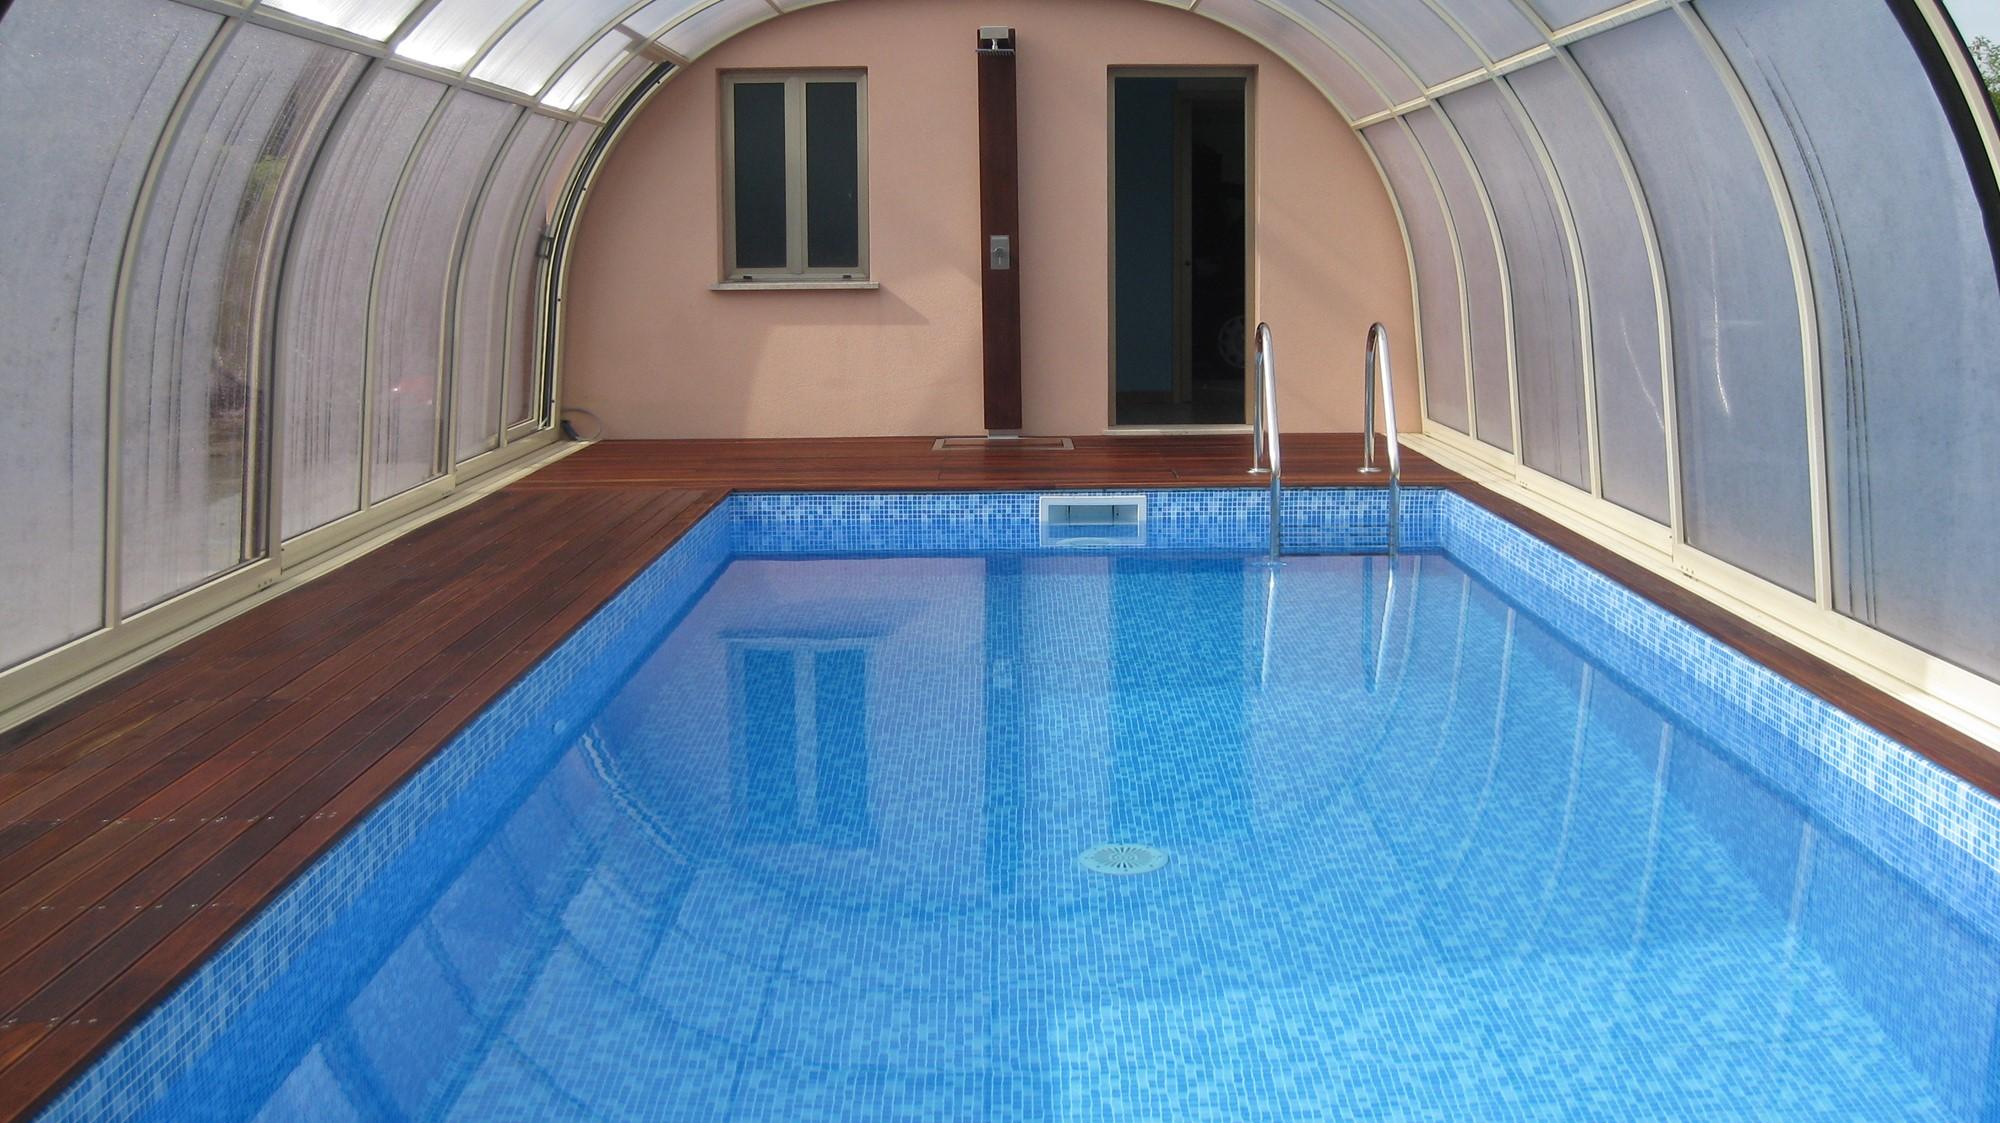 Piscine - Foto piscine interrate ...